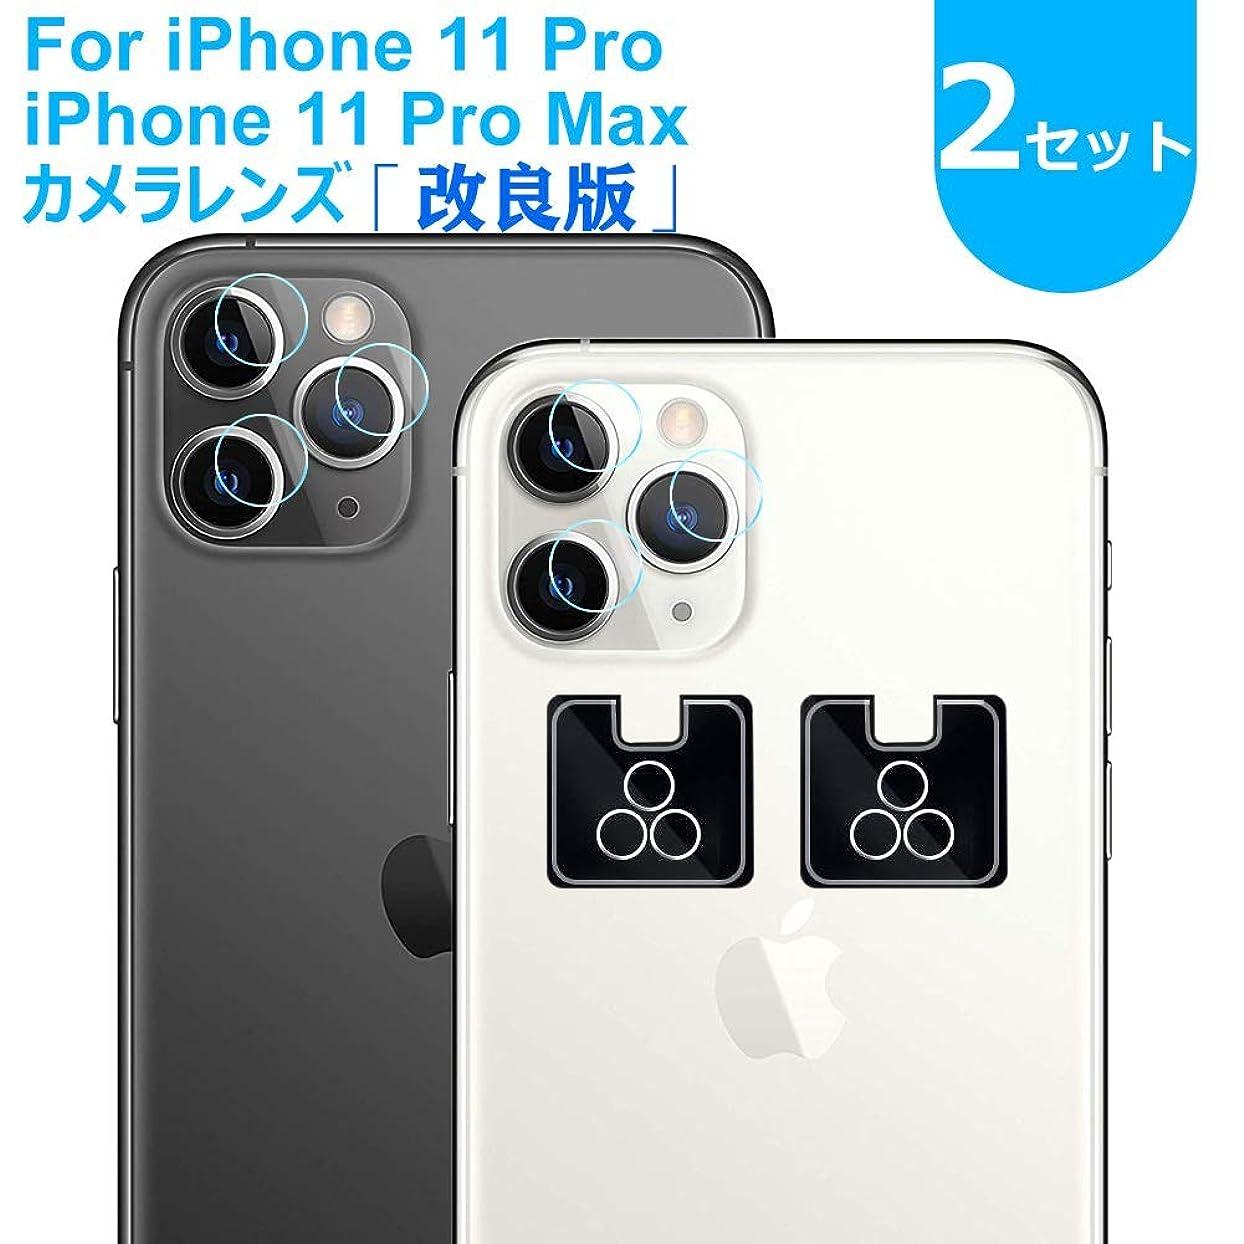 落胆させる現れる種SUPTMAX iphone 11 Proカメラレンズ フィルム iphone 5.8インチ アイフォ11 proカメラフィルム 高透過率 iphone 11 pro max レンズフィルム 2枚セット アイフォ11 Proカメラガラスフィルム 9H硬度/発散防止/落下防止/衝撃受け (iPhone 11 Pro Max/iPhone 11 Pro)